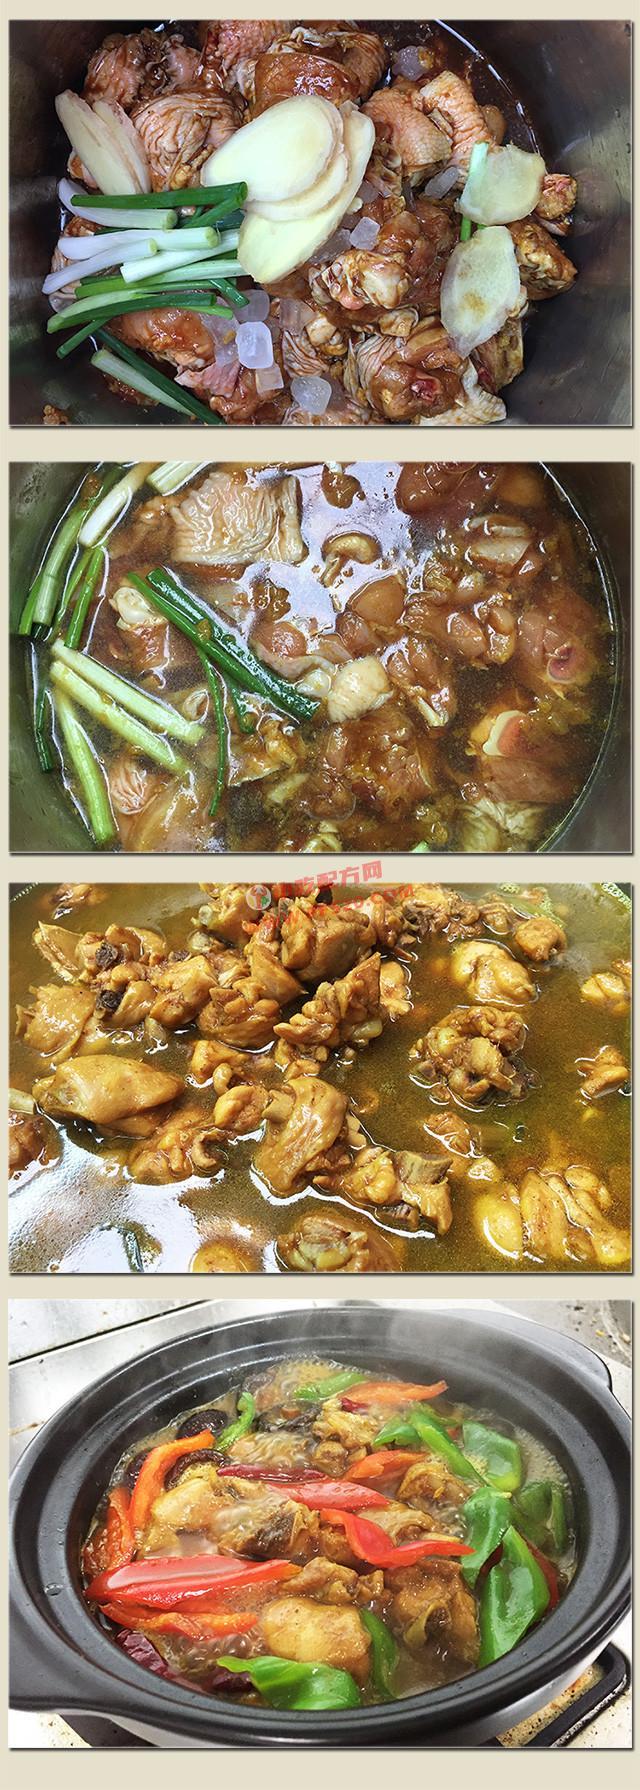 香鸡煲,黄焖鸡米饭最正宗的做法和配料,正宗技术培训教程配方教学视频 黄焖鸡 香鸡煲 第3张